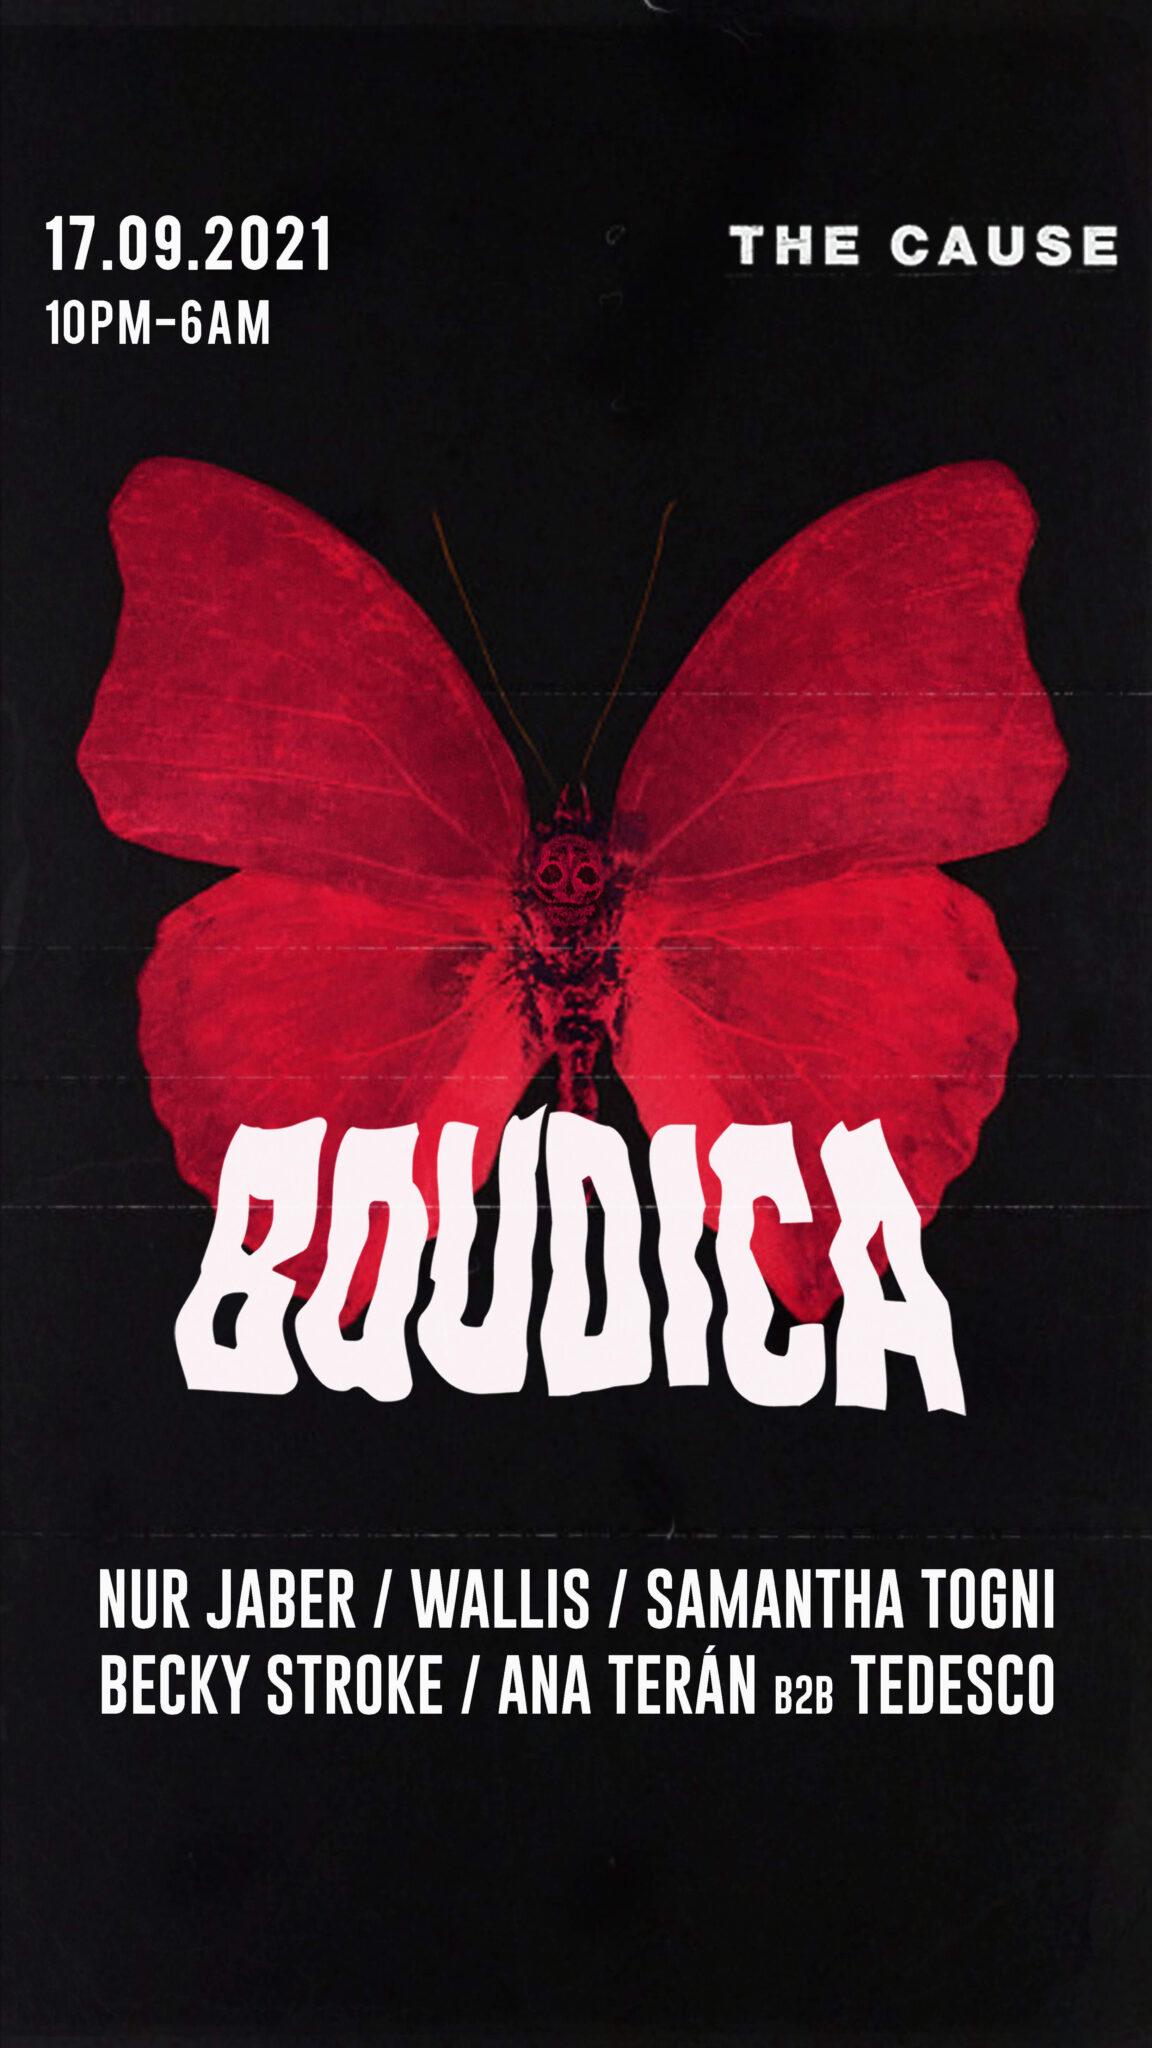 Samantha Togni Boudica blog post -Photo by @worldwidedisgrace